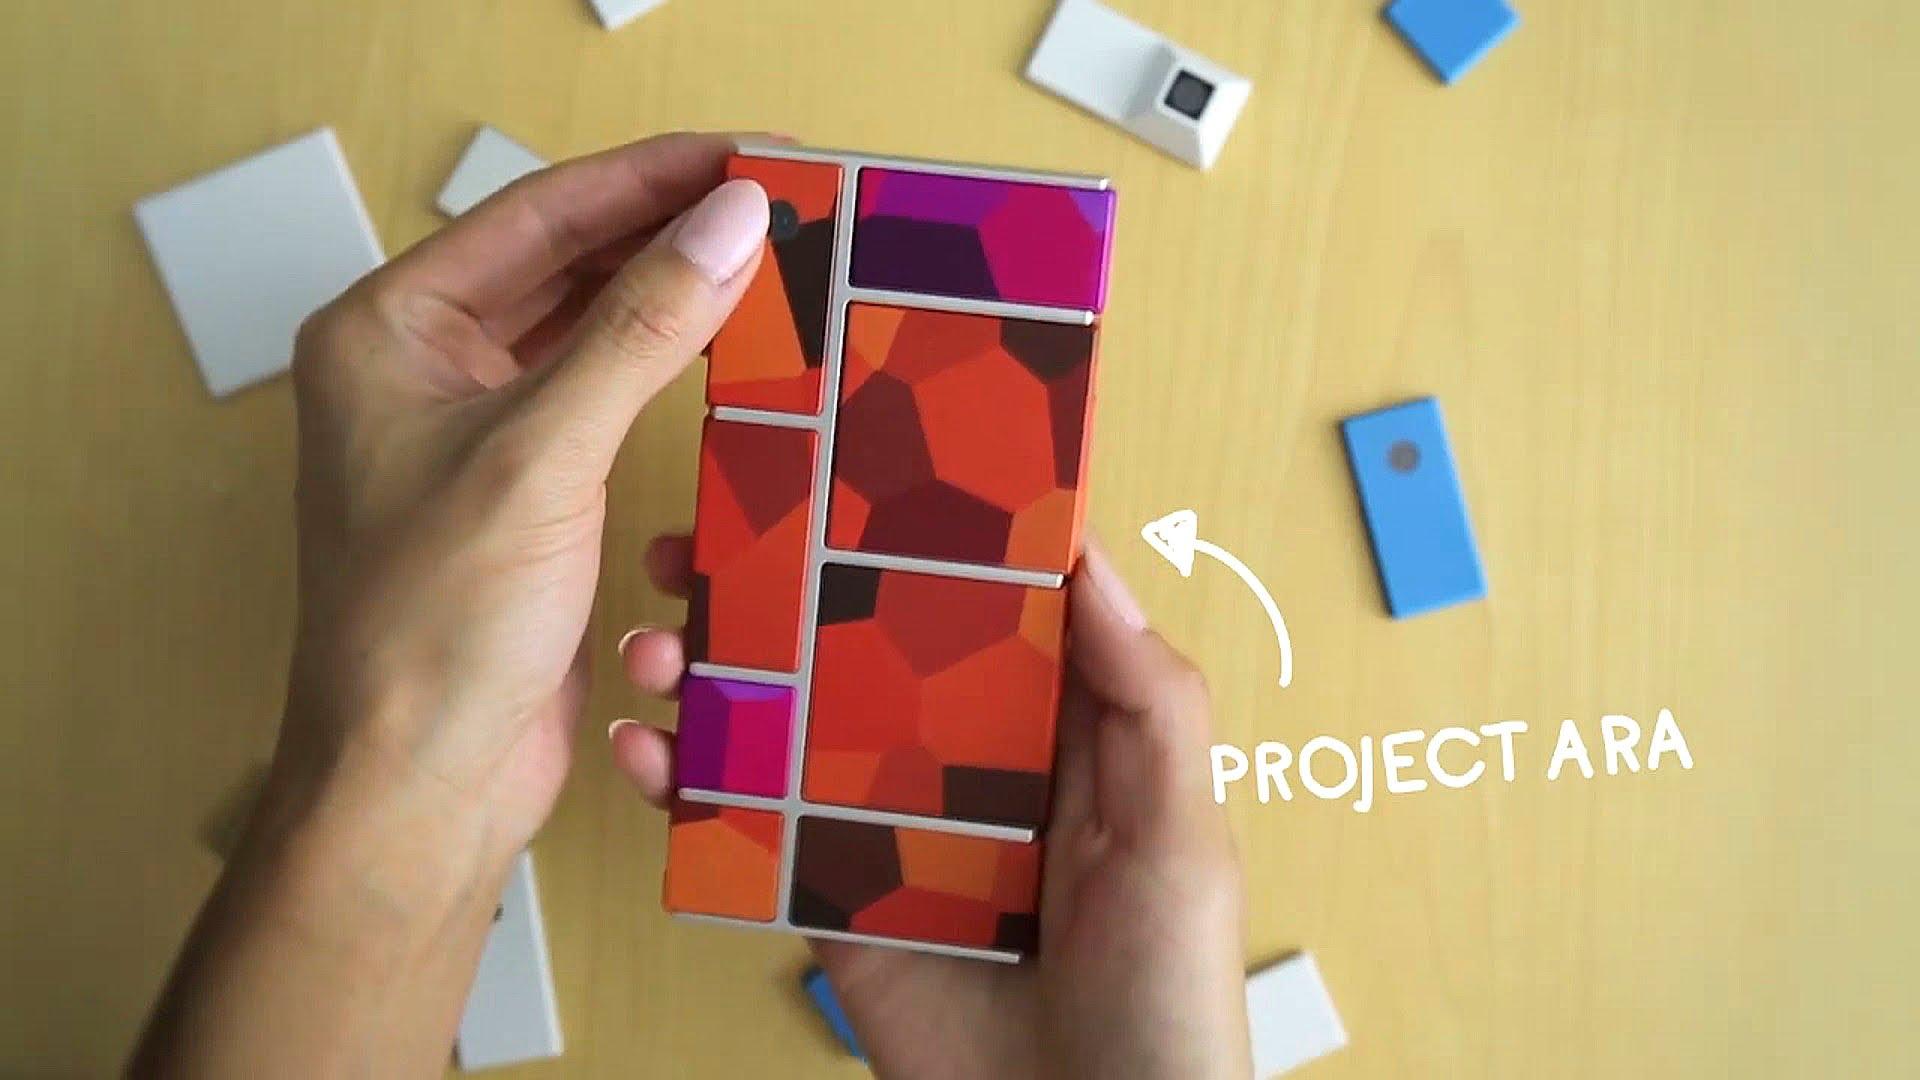 Project Ara 1.0